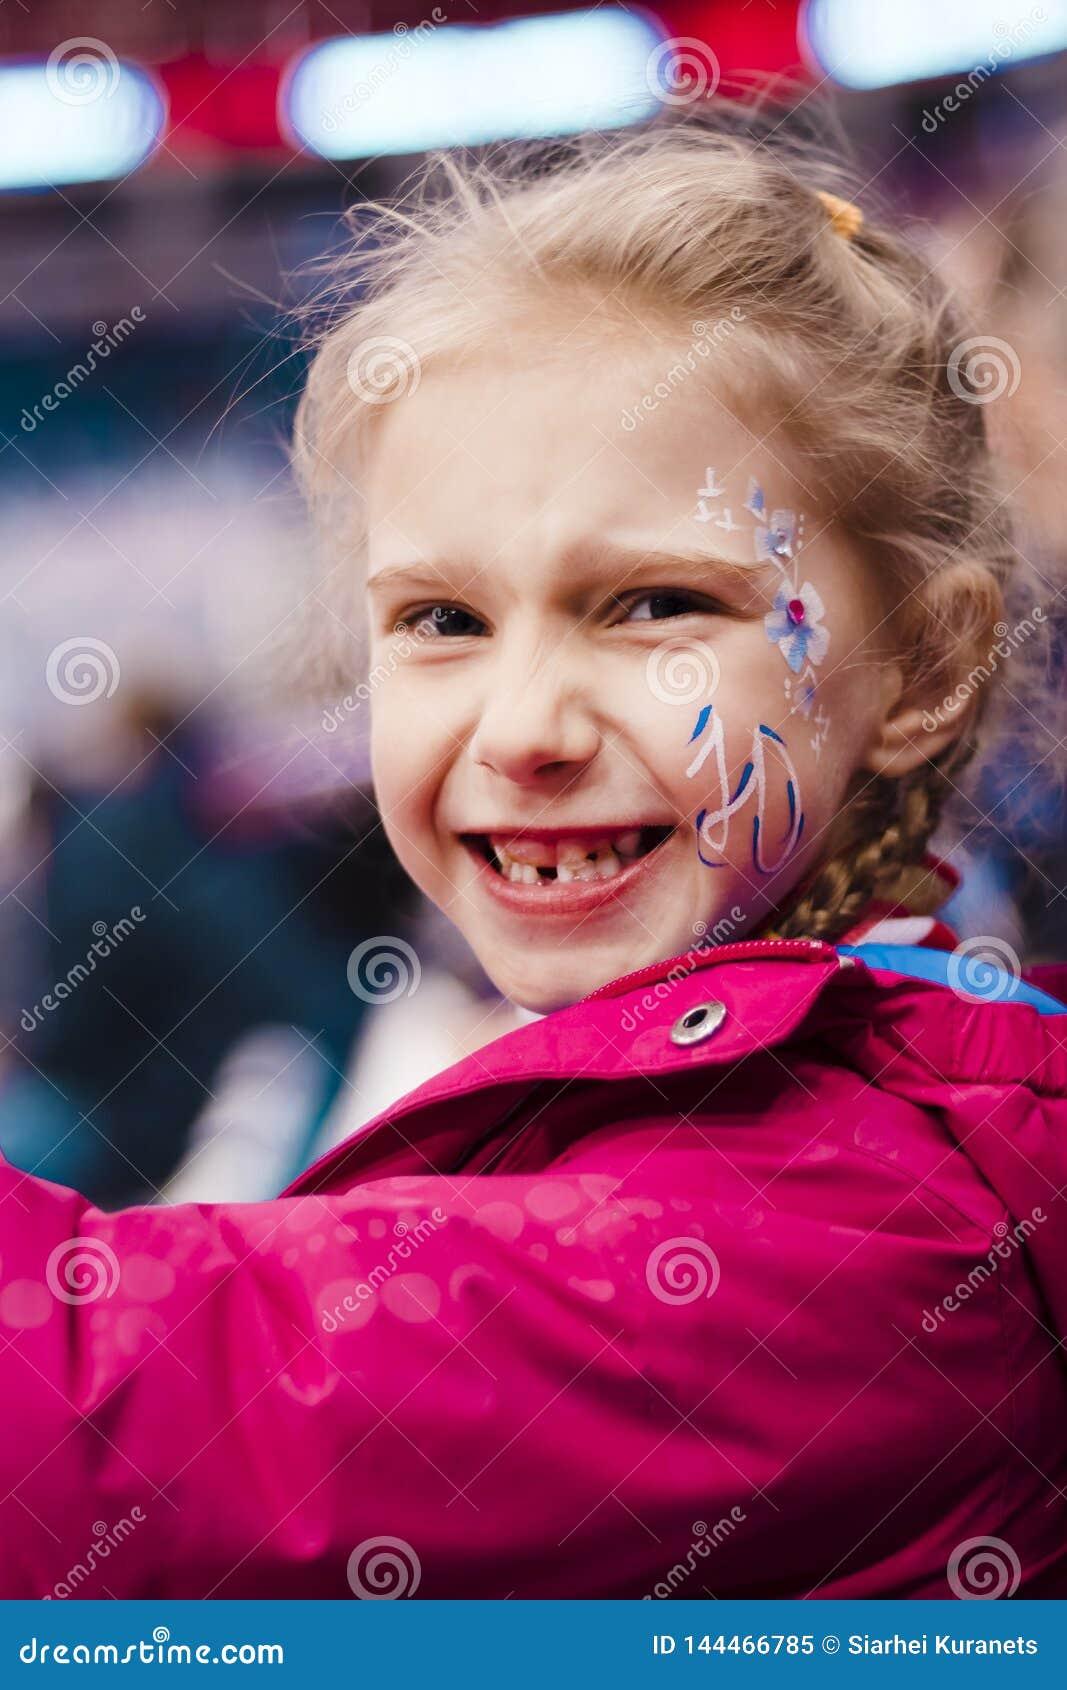 演出的照片 指挥台的女孩金发碧眼的女人 有在面颊的题字 她是高兴的队赢得 ?